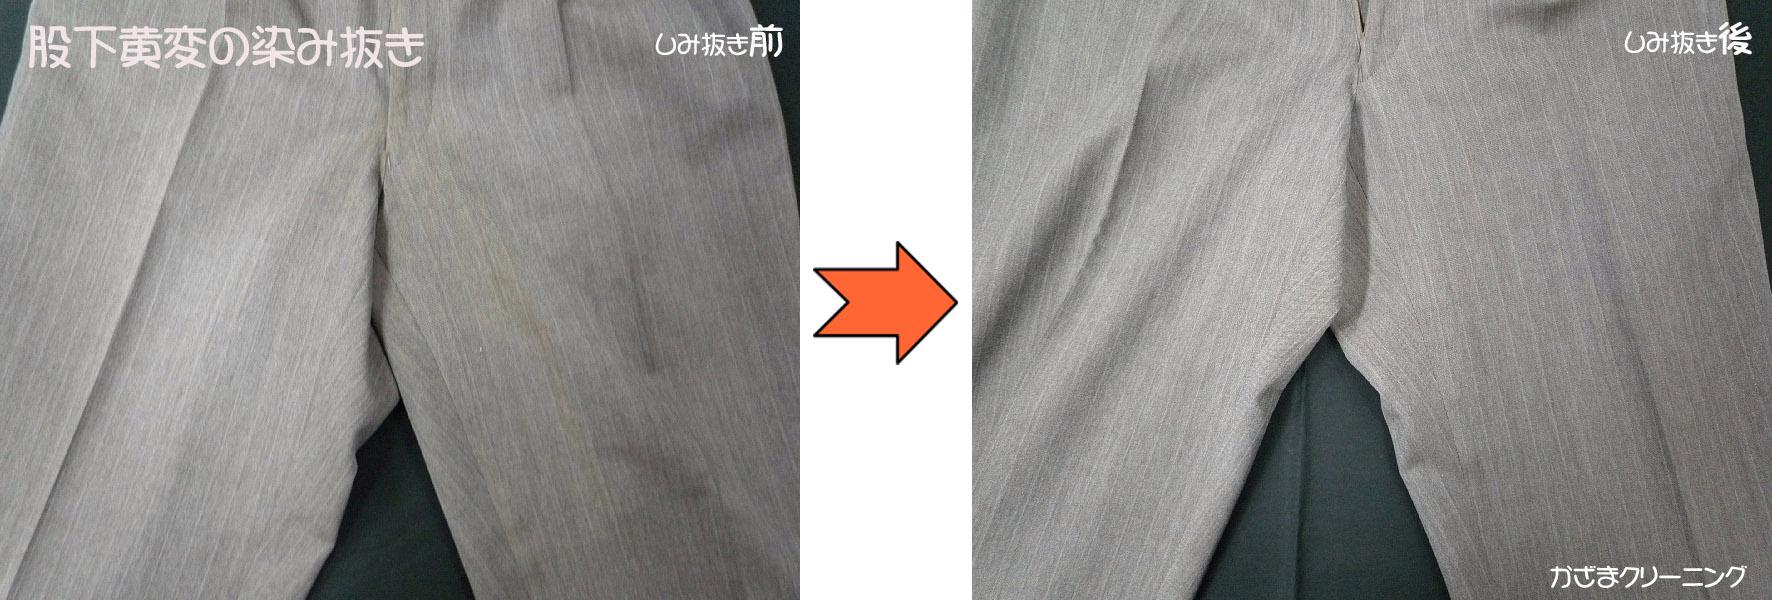 股下黄変の染み抜き withスマップ